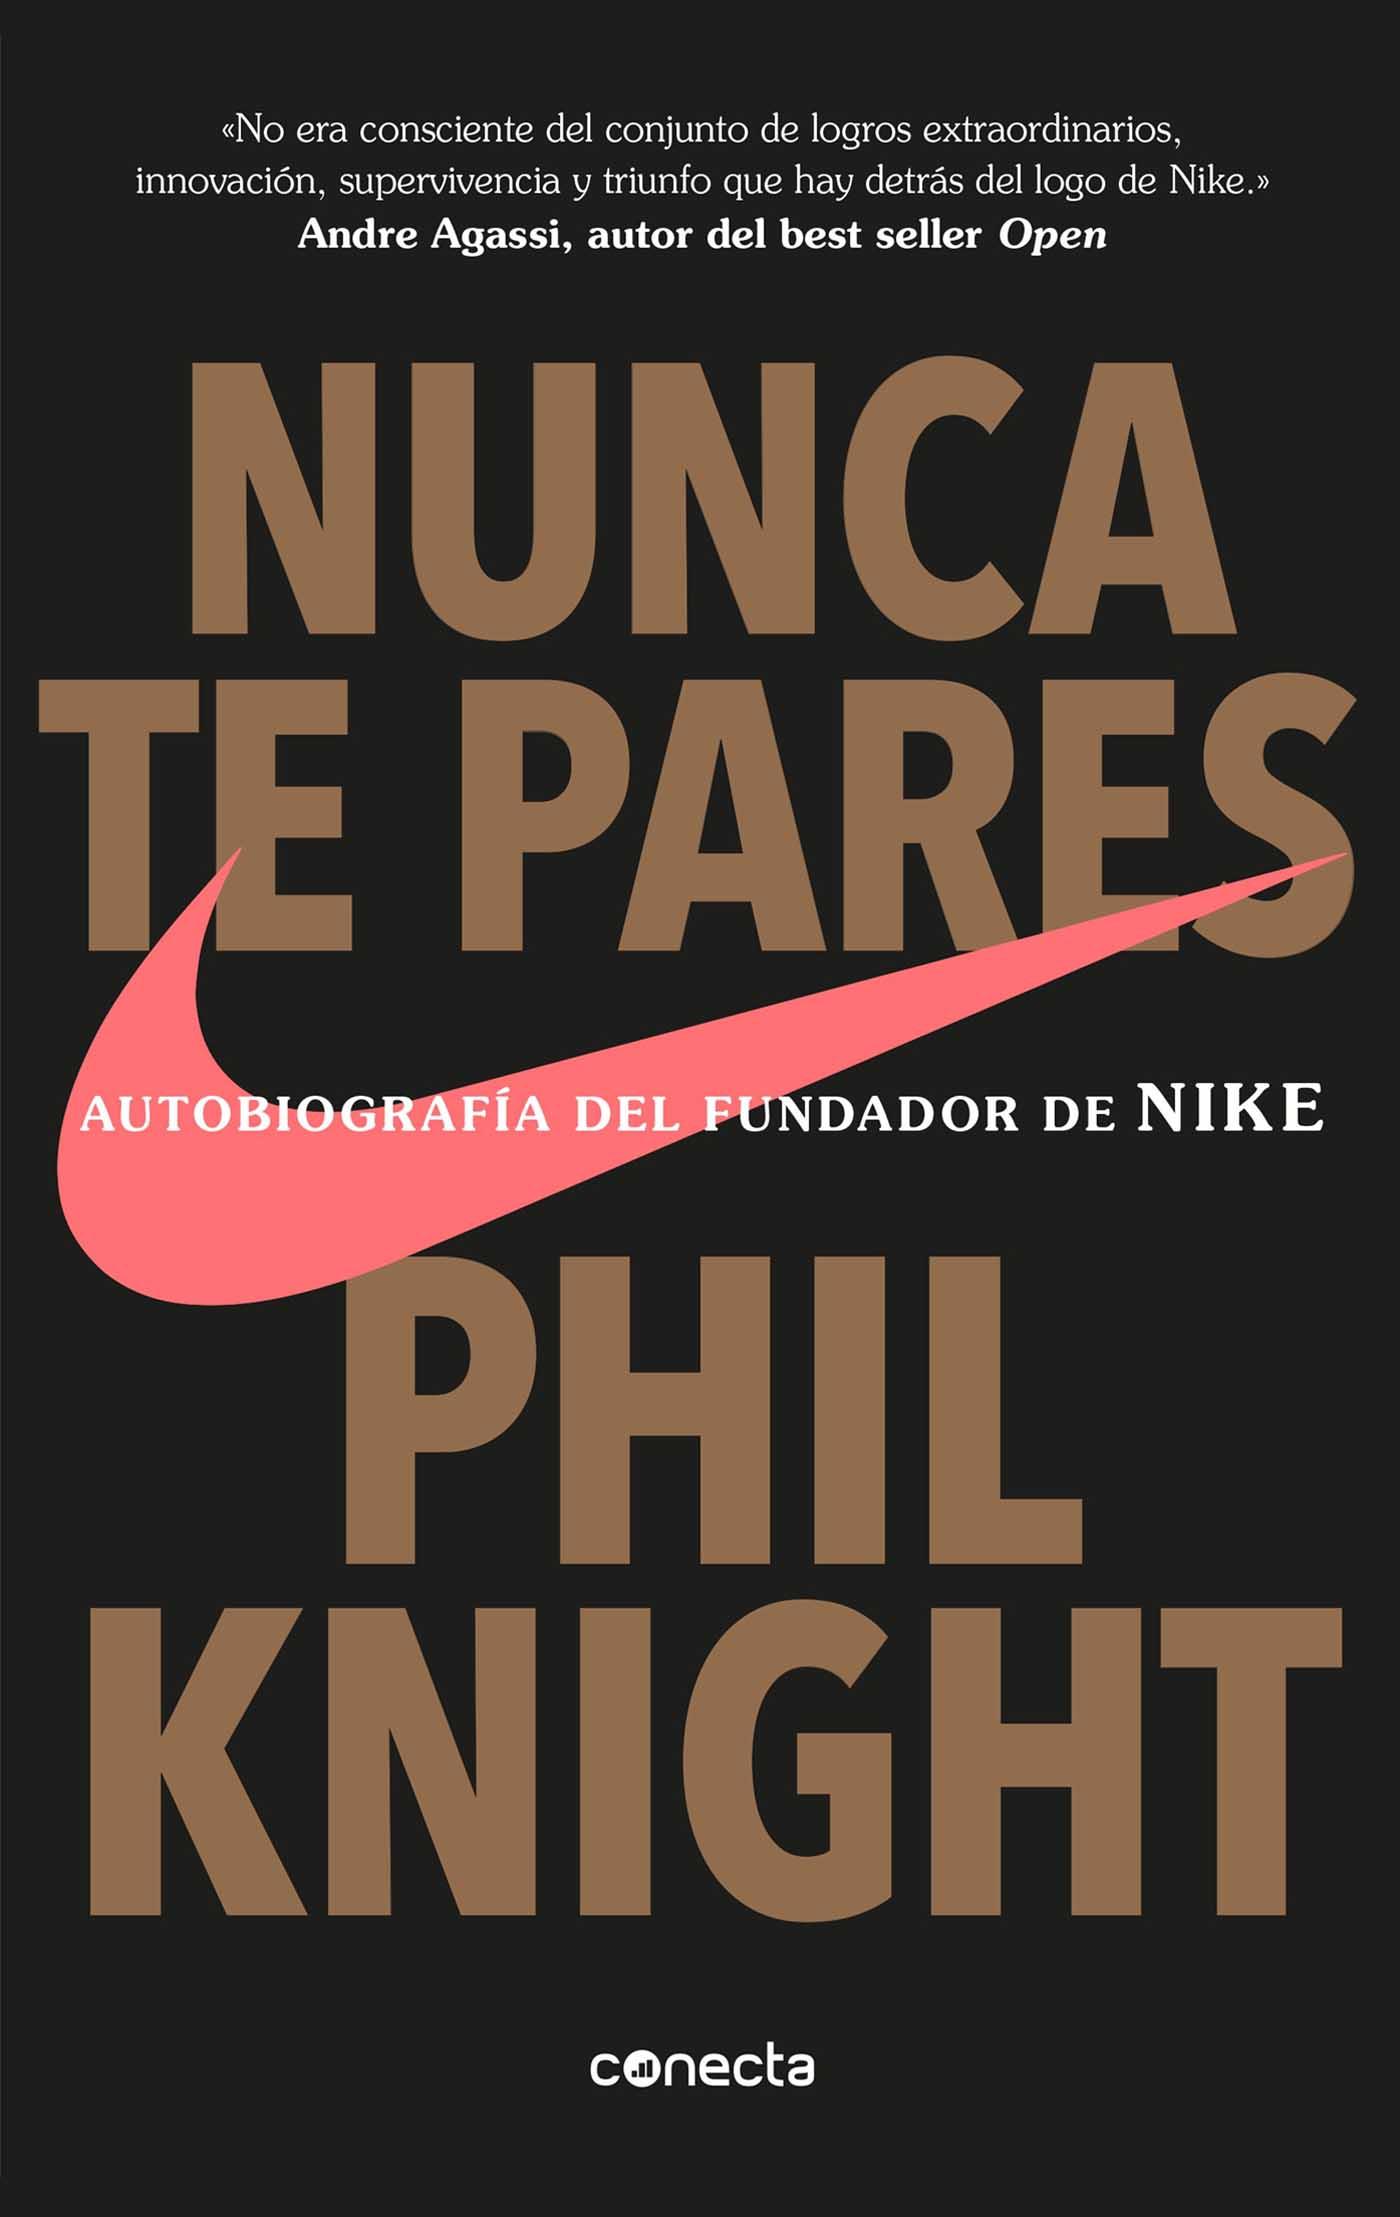 Nunca te pares Libro Nike